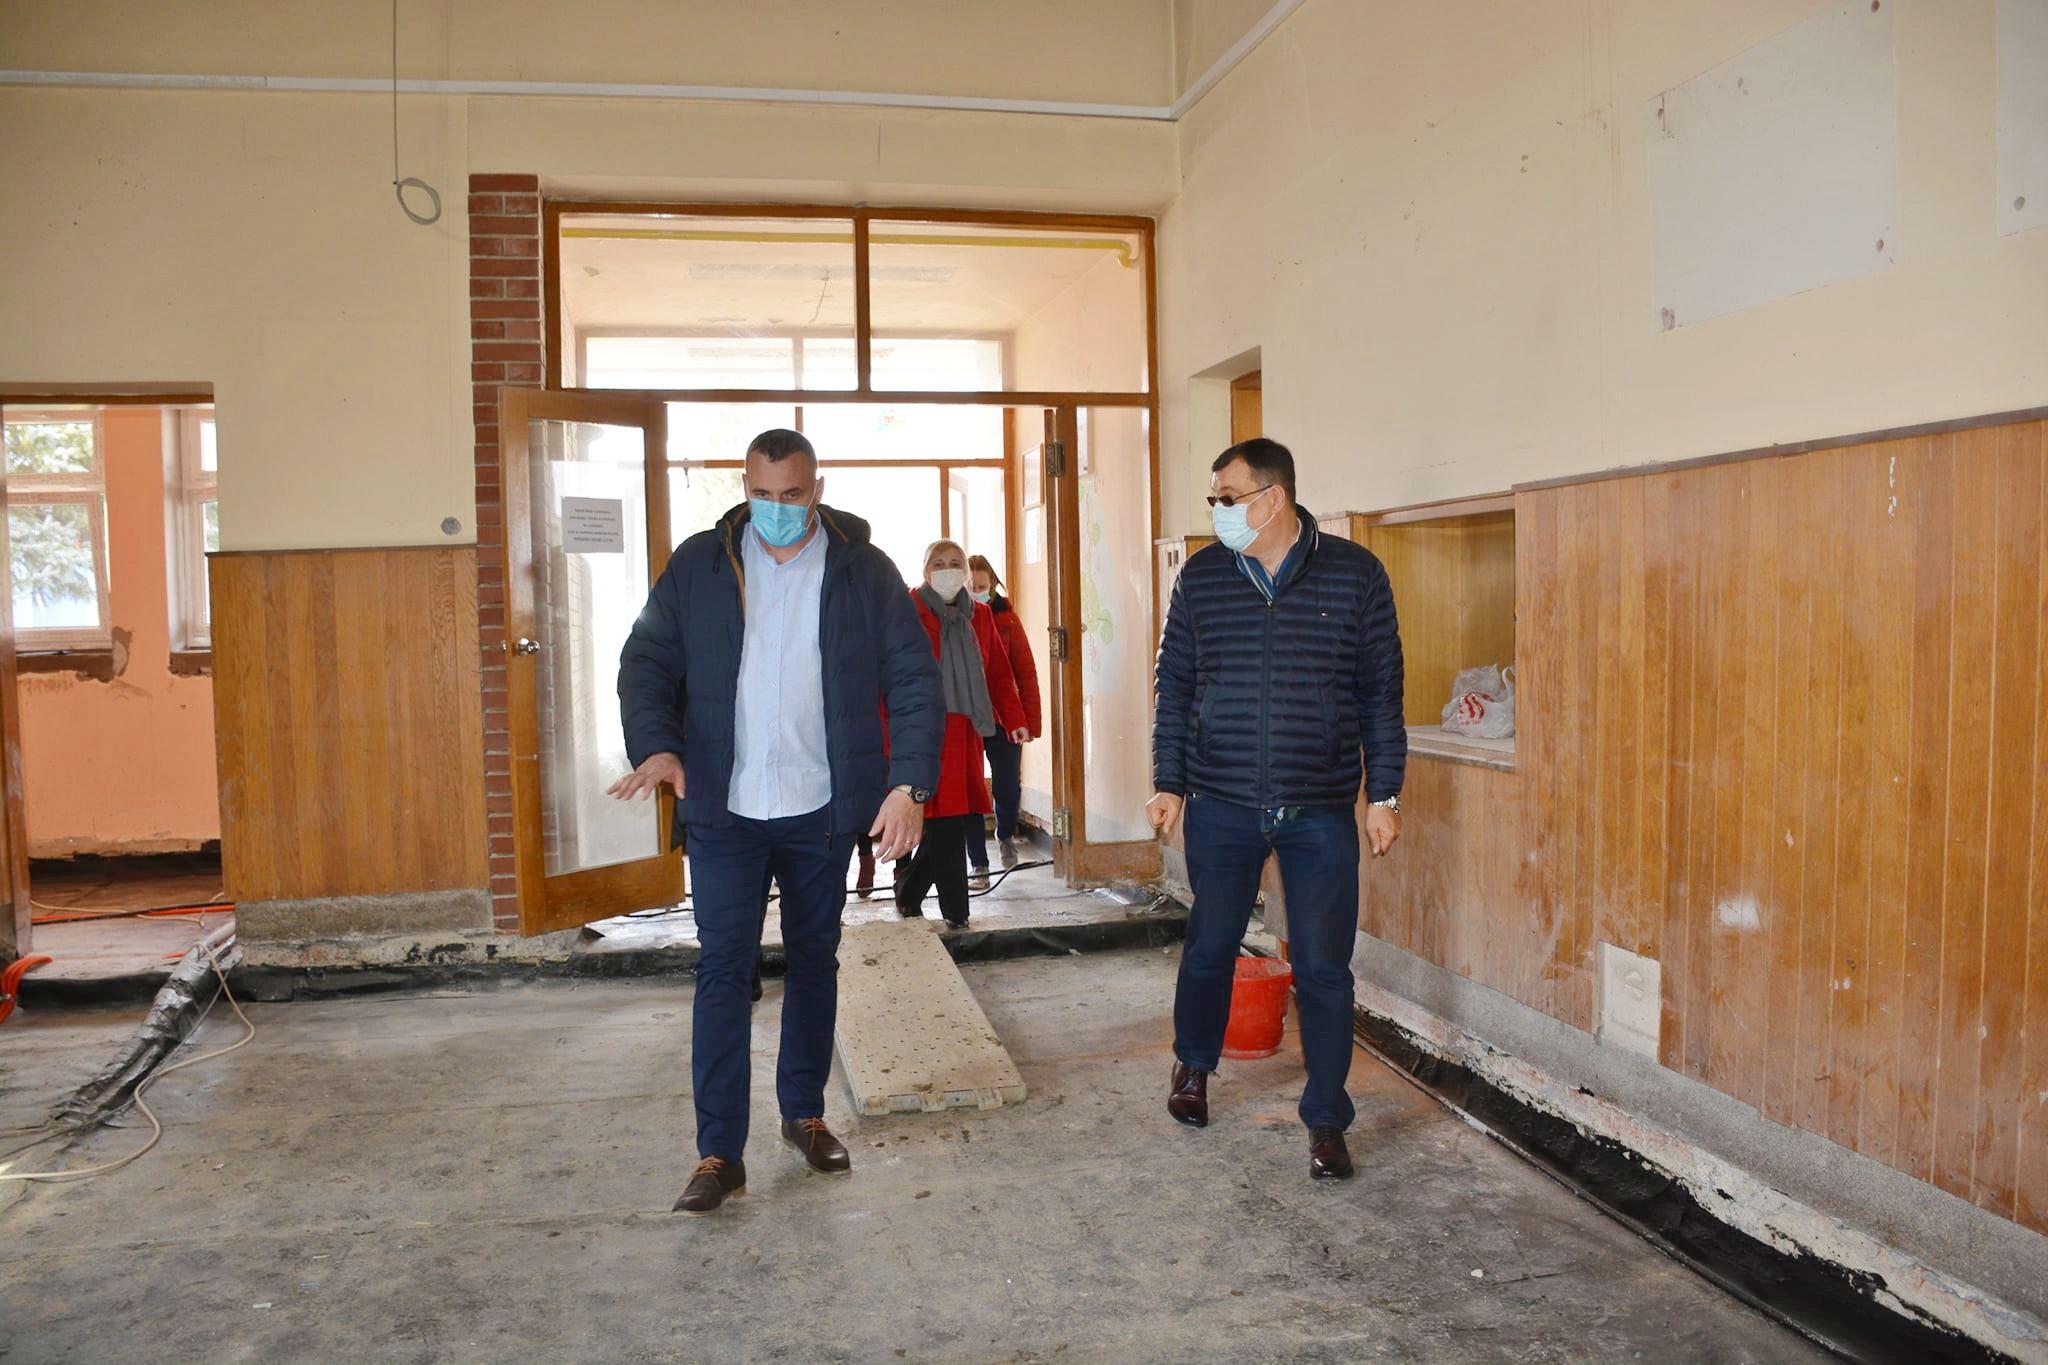 Radovi u punom jeku na školi u Velikim zdencima, župan Bajs odobrio dodatna sredstva za radove